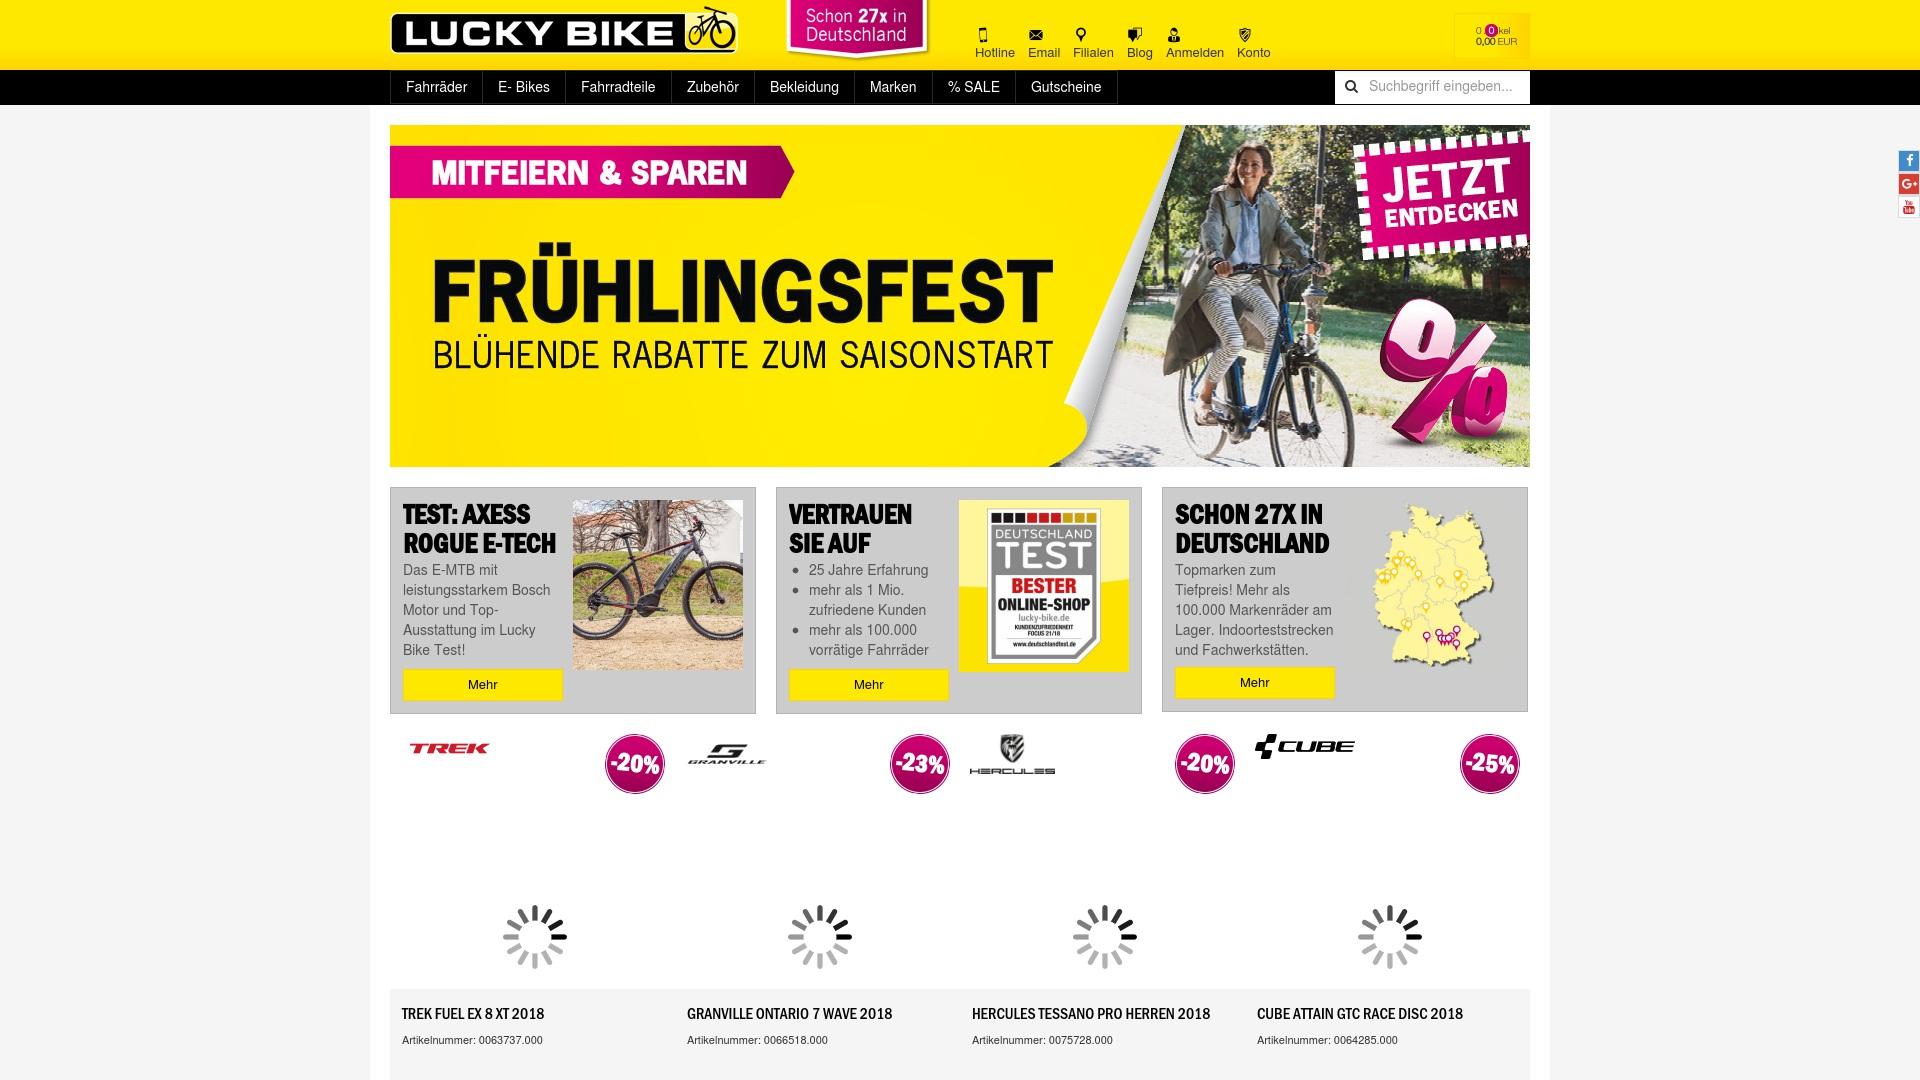 Gutschein für Lucky-bike: Rabatte für  Lucky-bike sichern